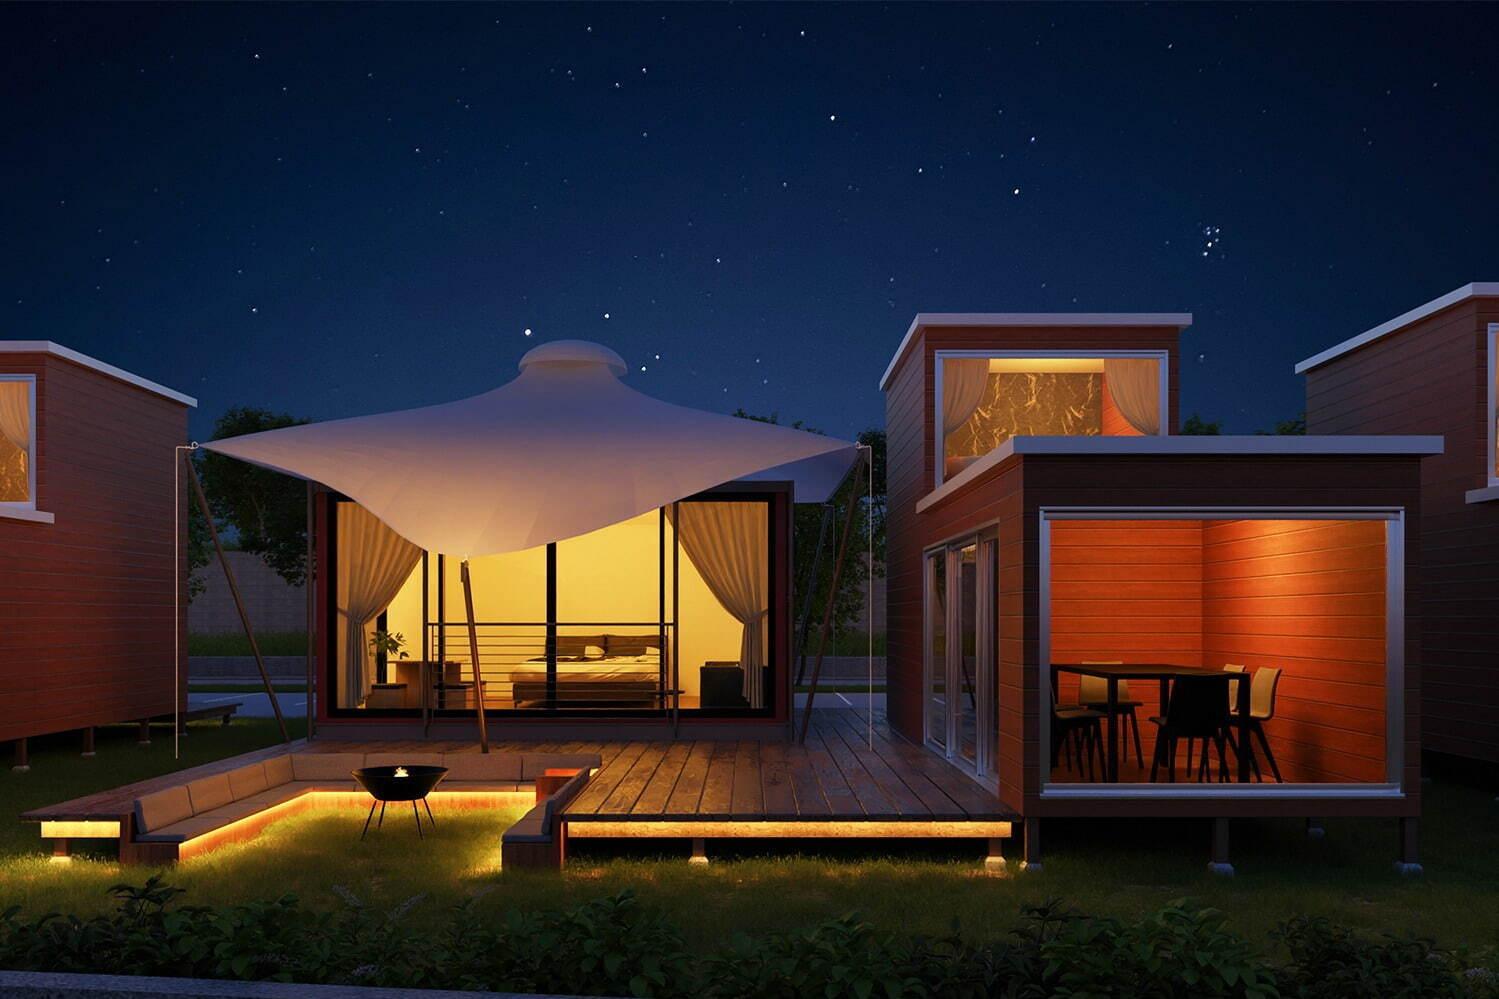 「グランマーレ 淡路」全棟客室温泉付&オーシャンビューグランピング、各テントに専用ガーデンも 写真2